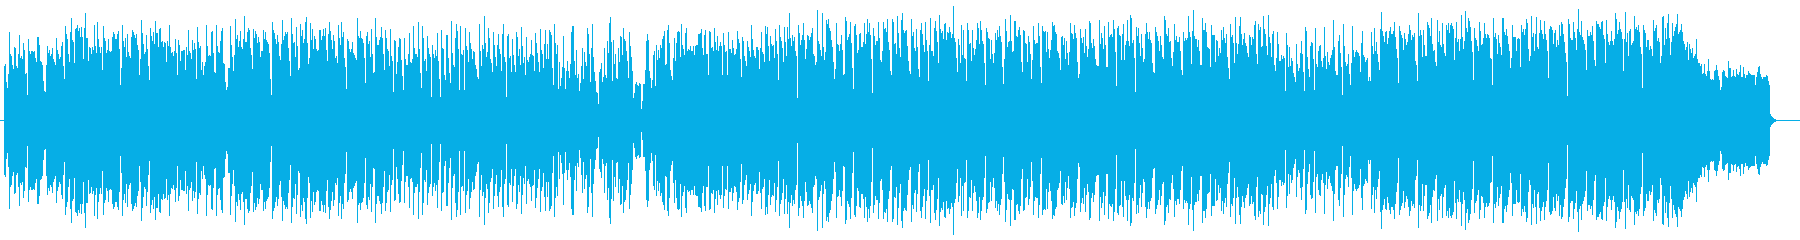 メローでキャッチ―なエレキサウンドの再生済みの波形